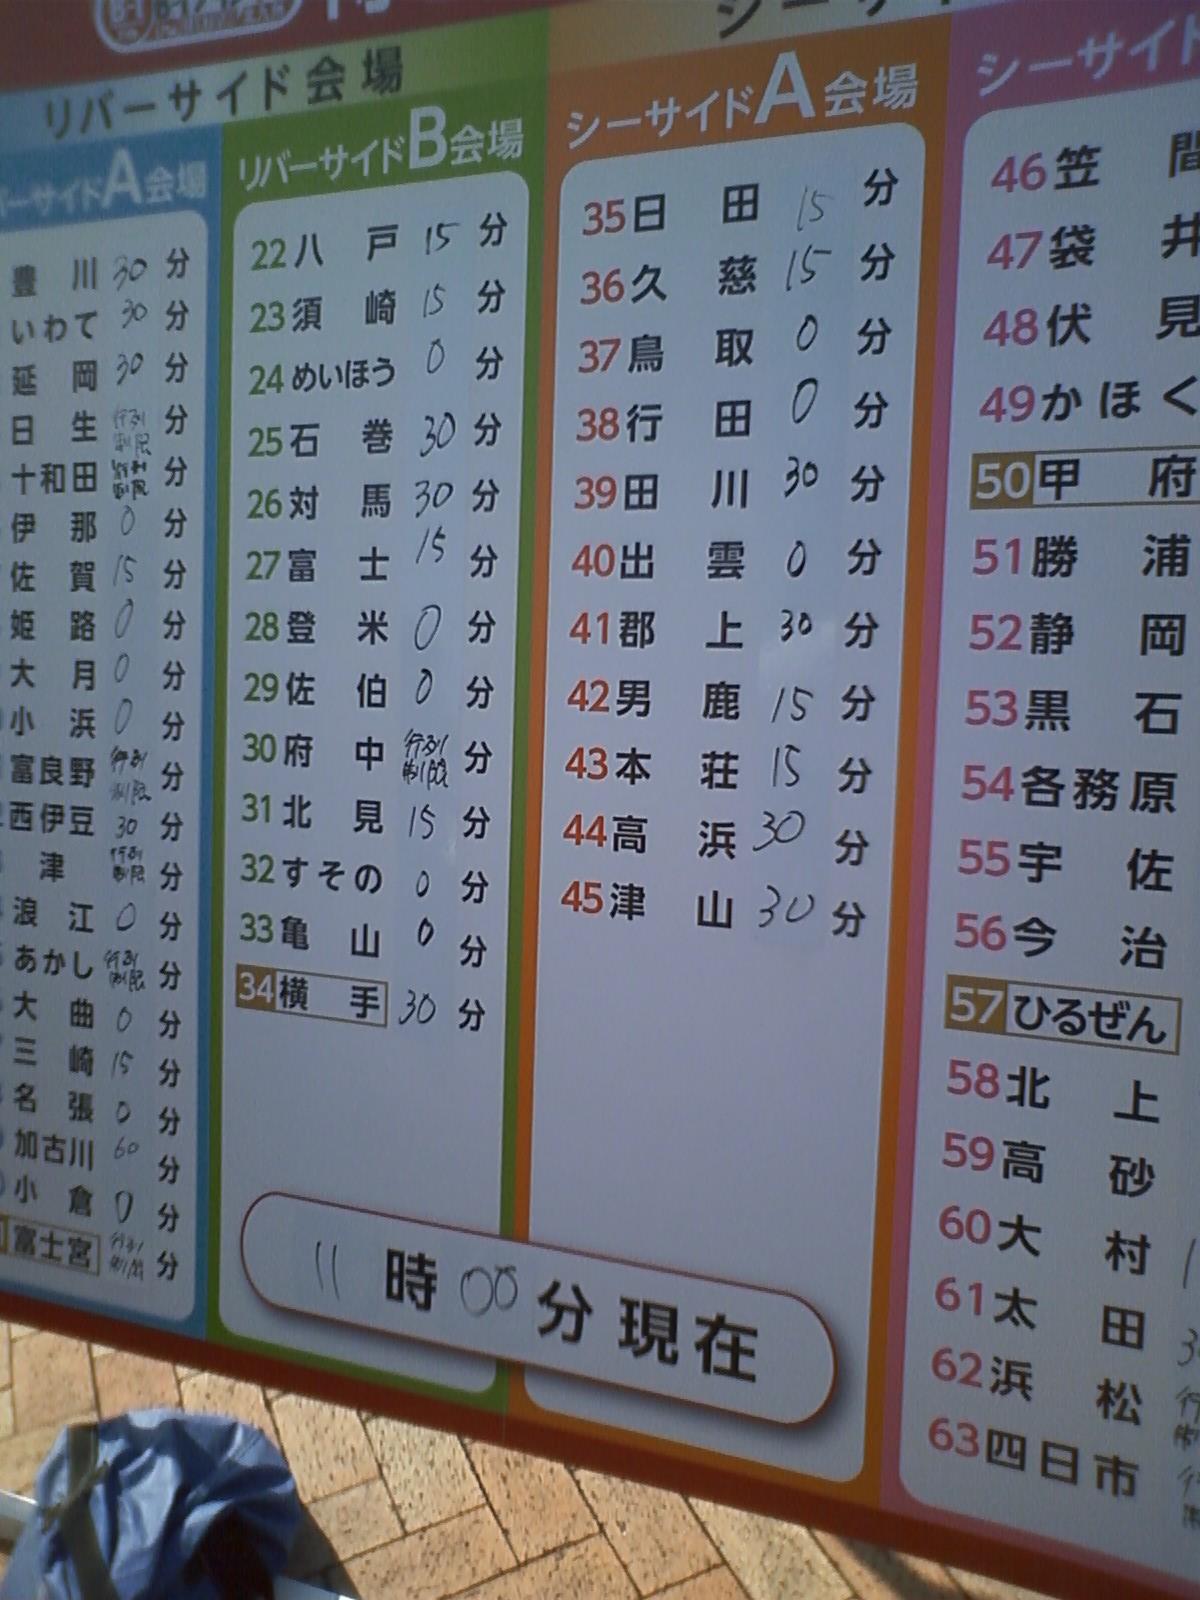 並ぶ時間が書かれた表。人が多いブースでは1時間待ちなどあった